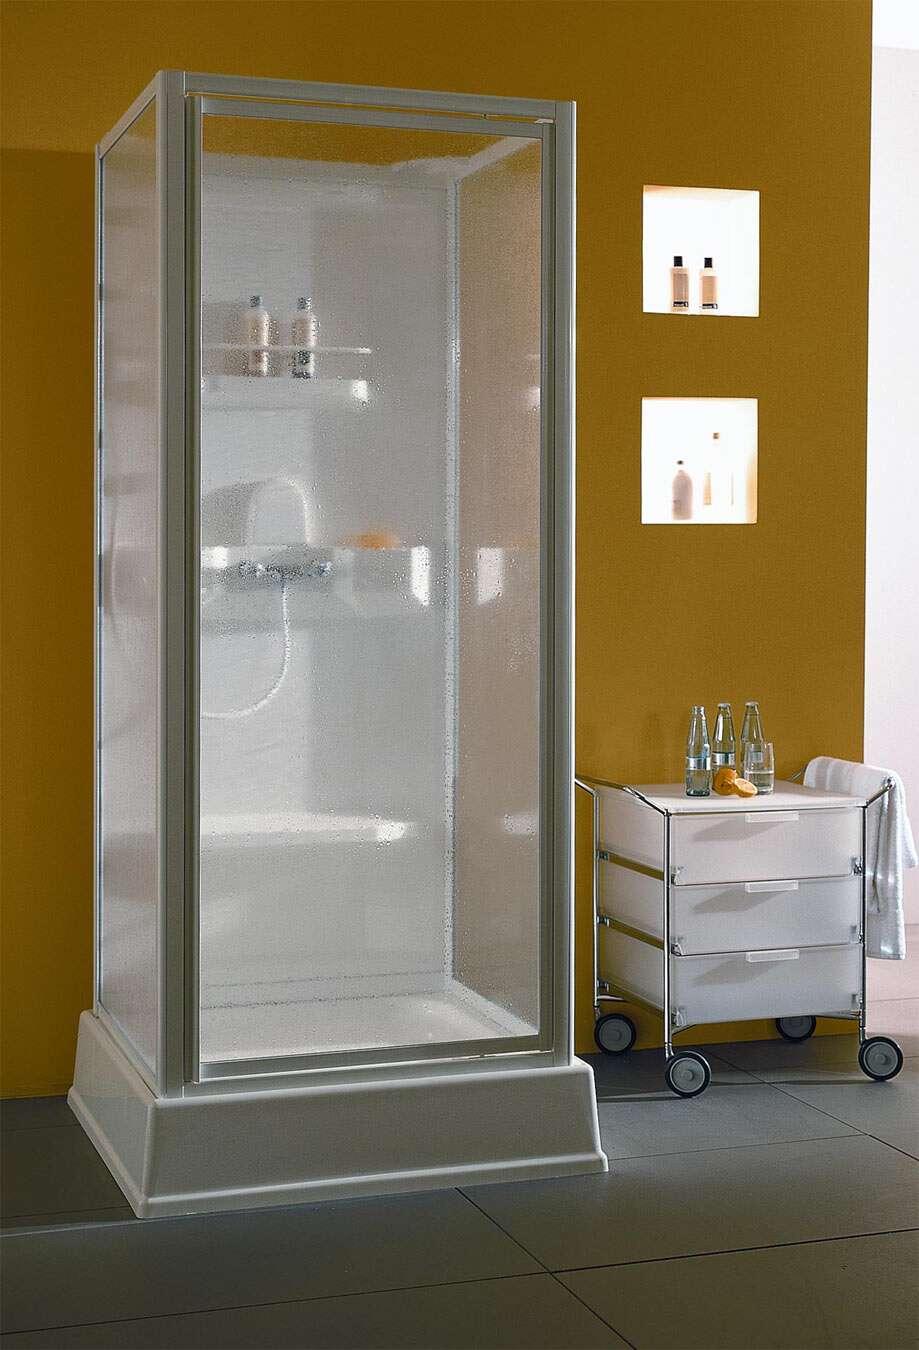 dusar komplettdusche schwingt r ohne boiler 32435. Black Bedroom Furniture Sets. Home Design Ideas